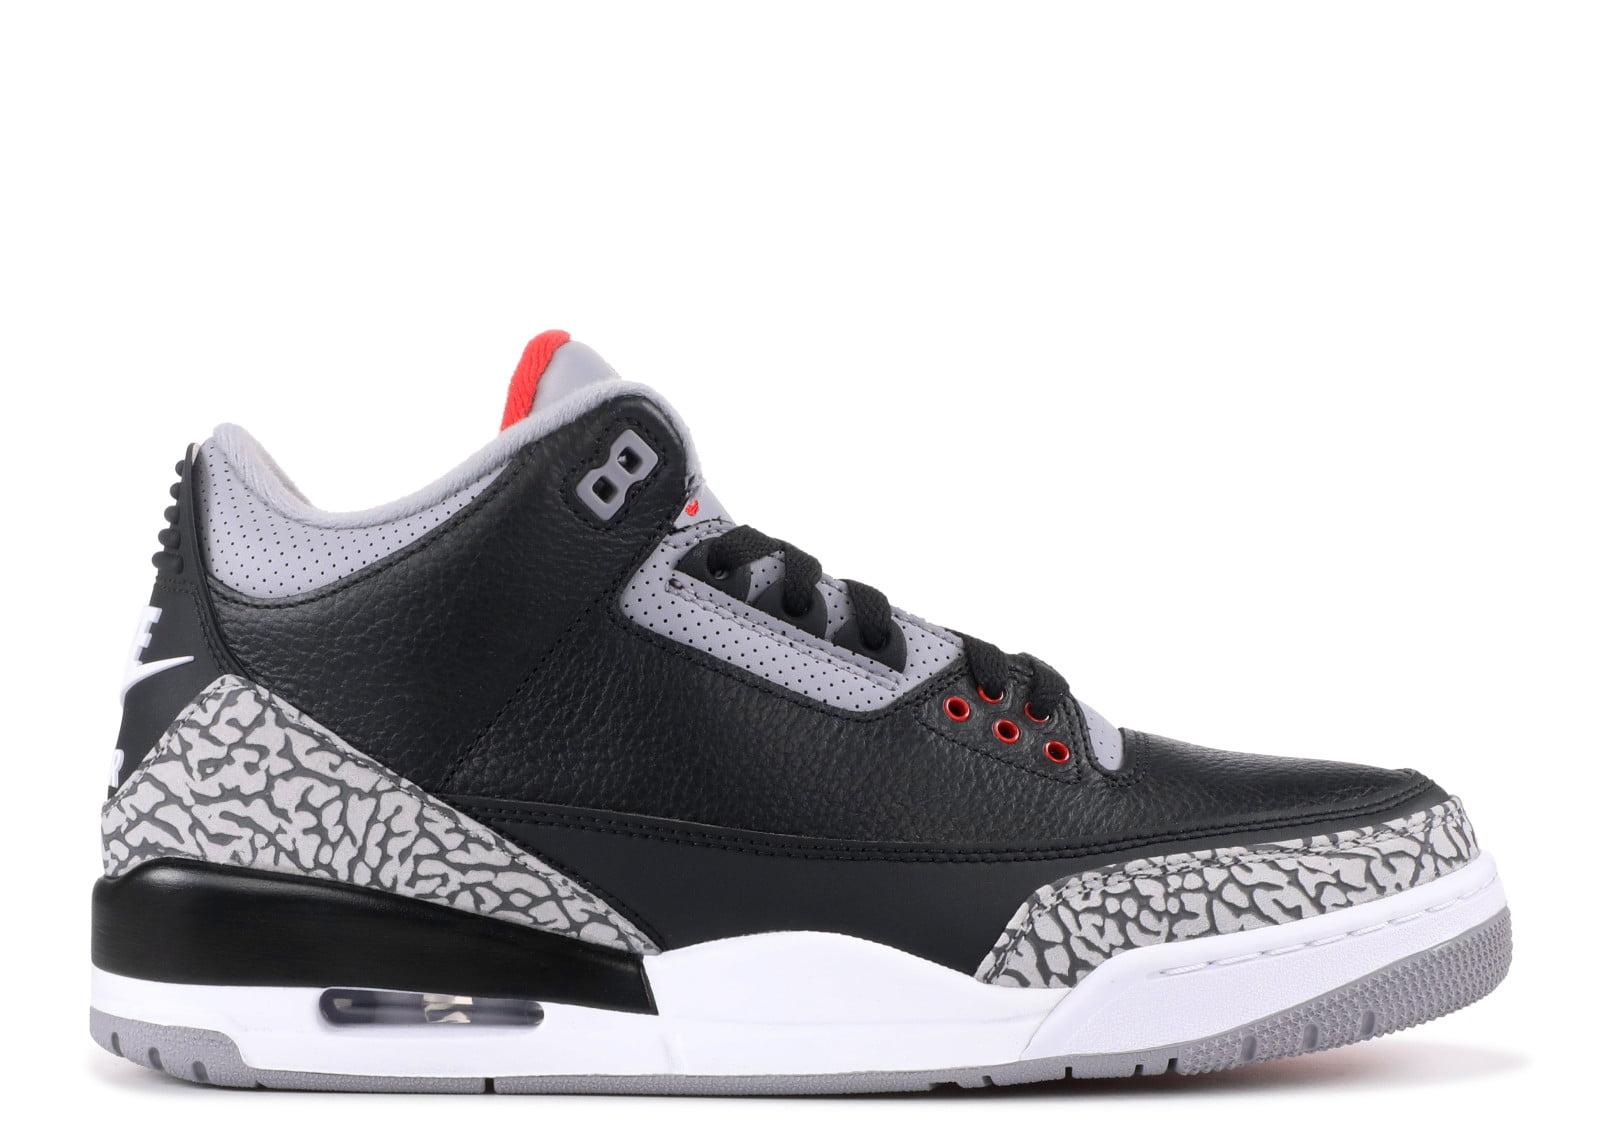 87ddbe49288735 Air Jordan - Men - Air Jordan 3 Og Retro Og  Black Cement 2018  -  854262-001 - Size 14